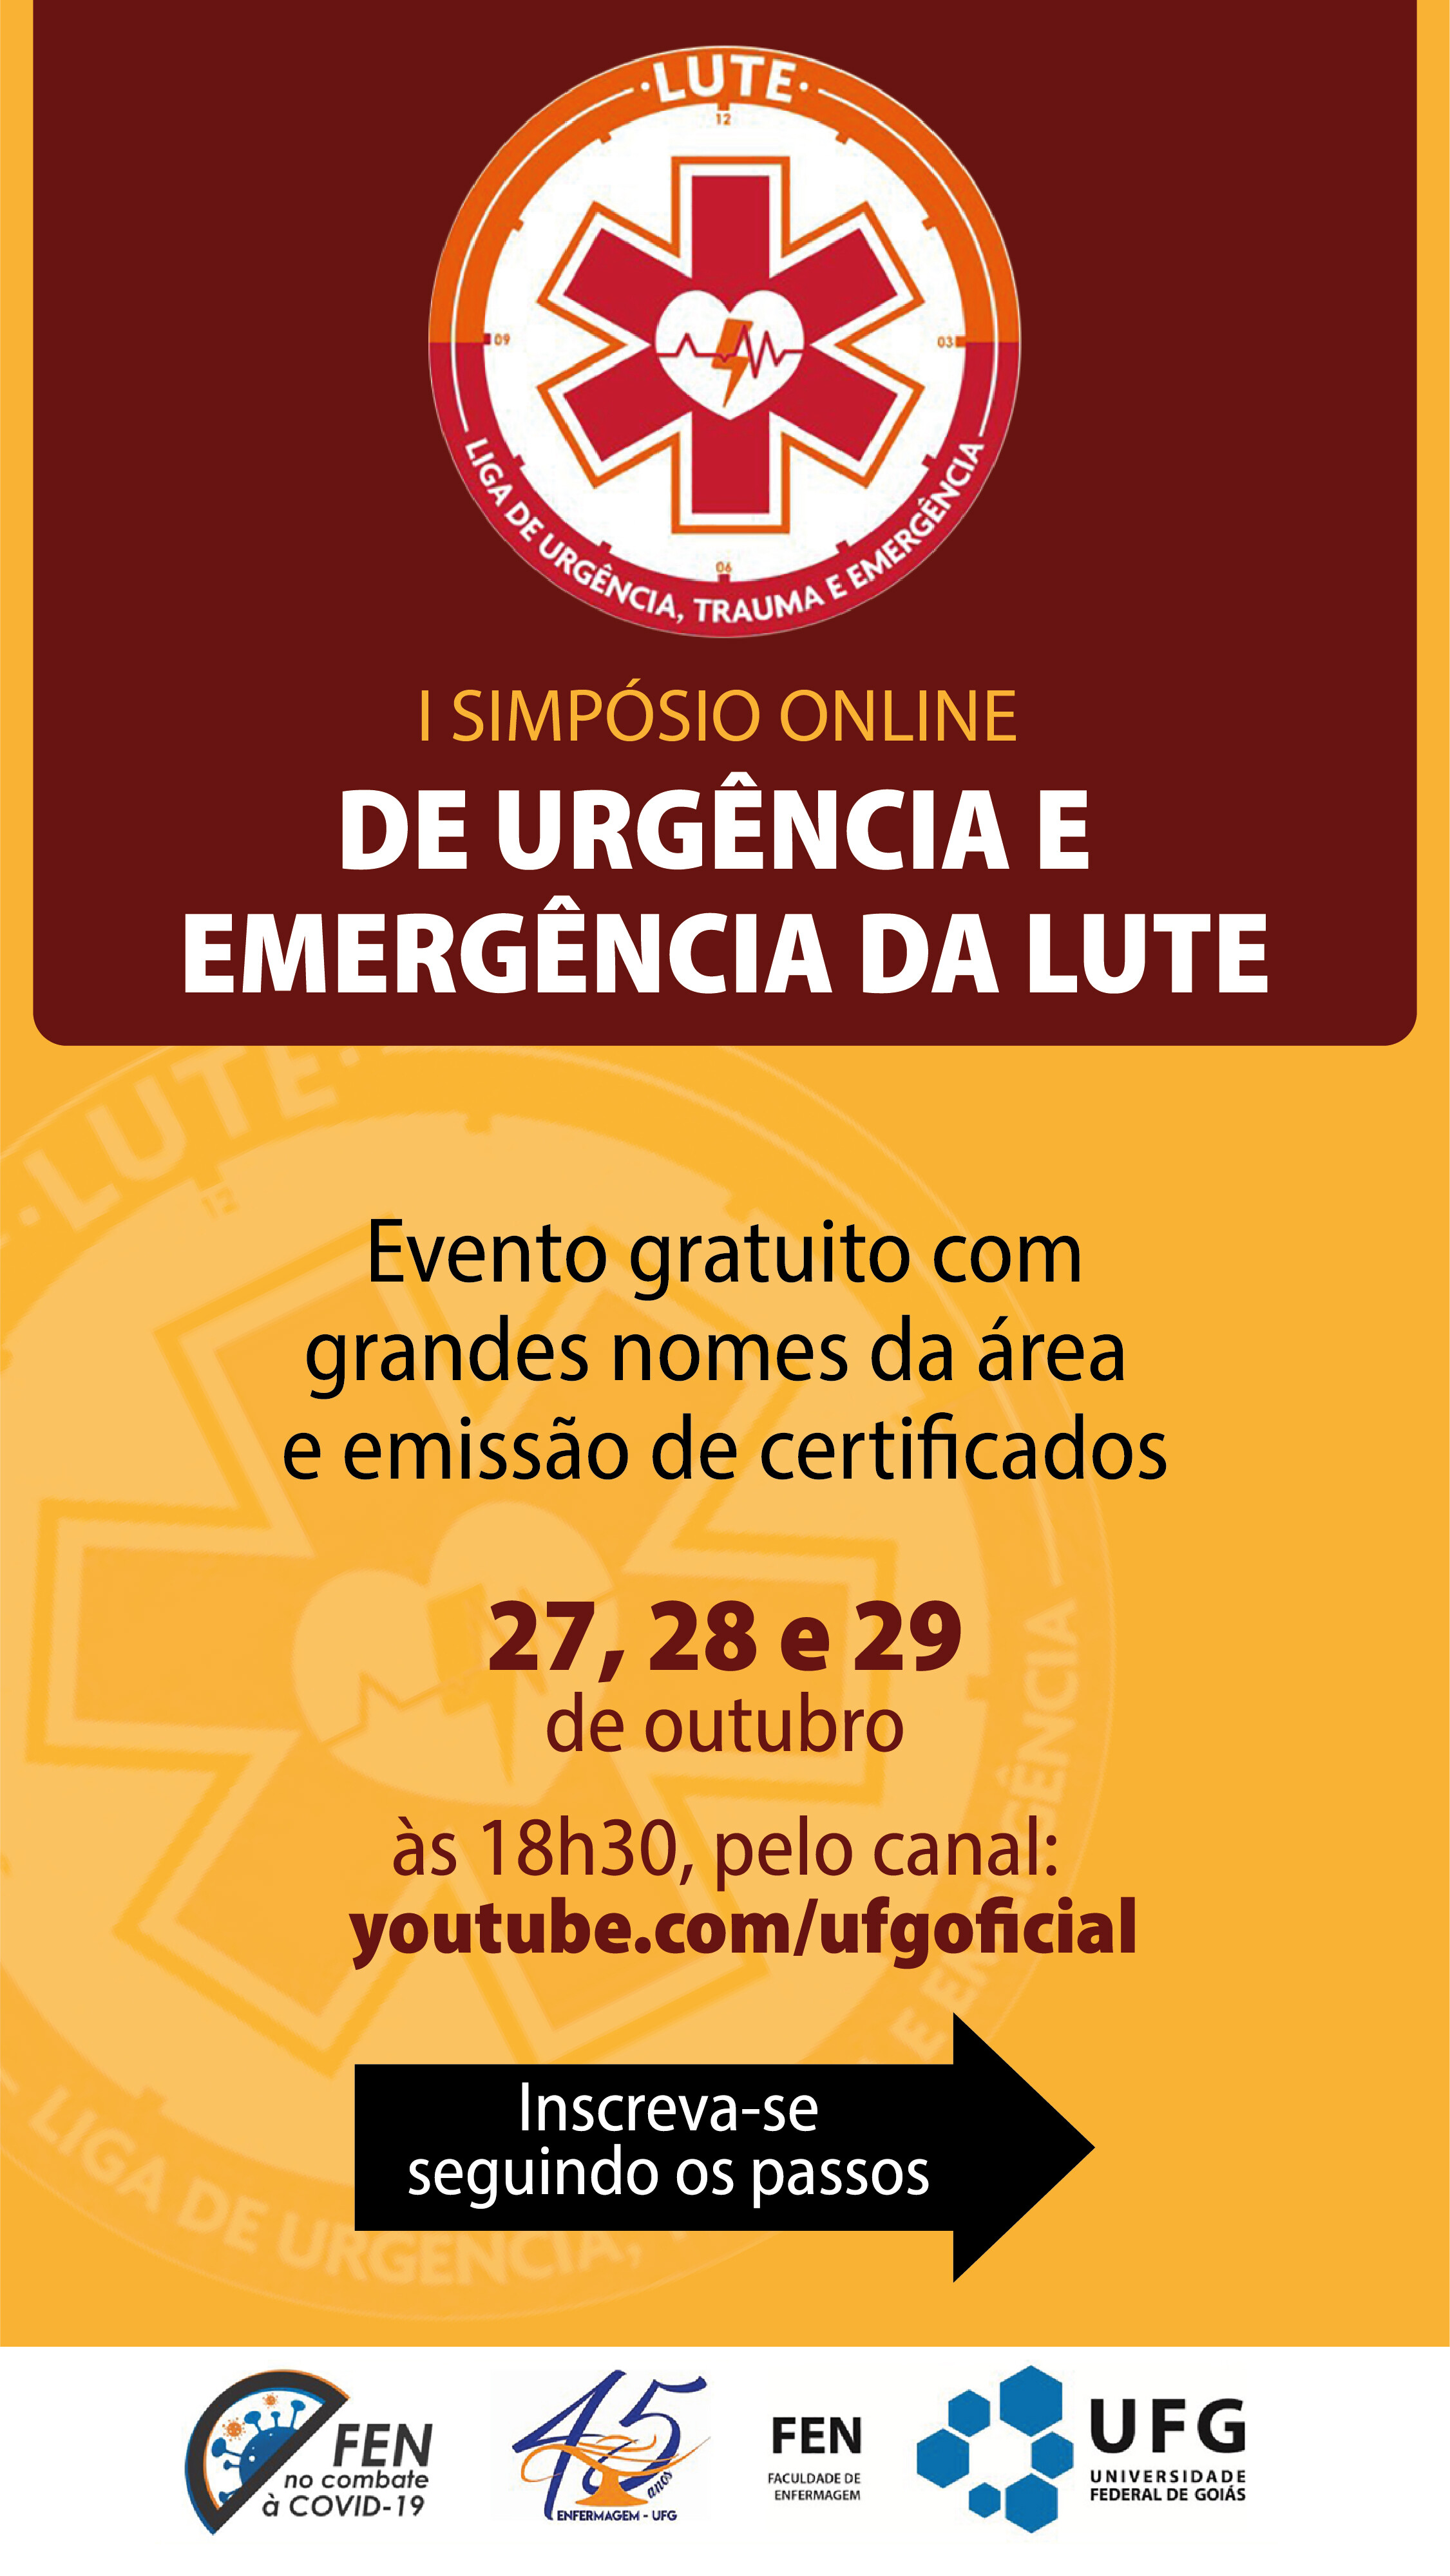 I Simpósio online de urgência e emergência da Lute